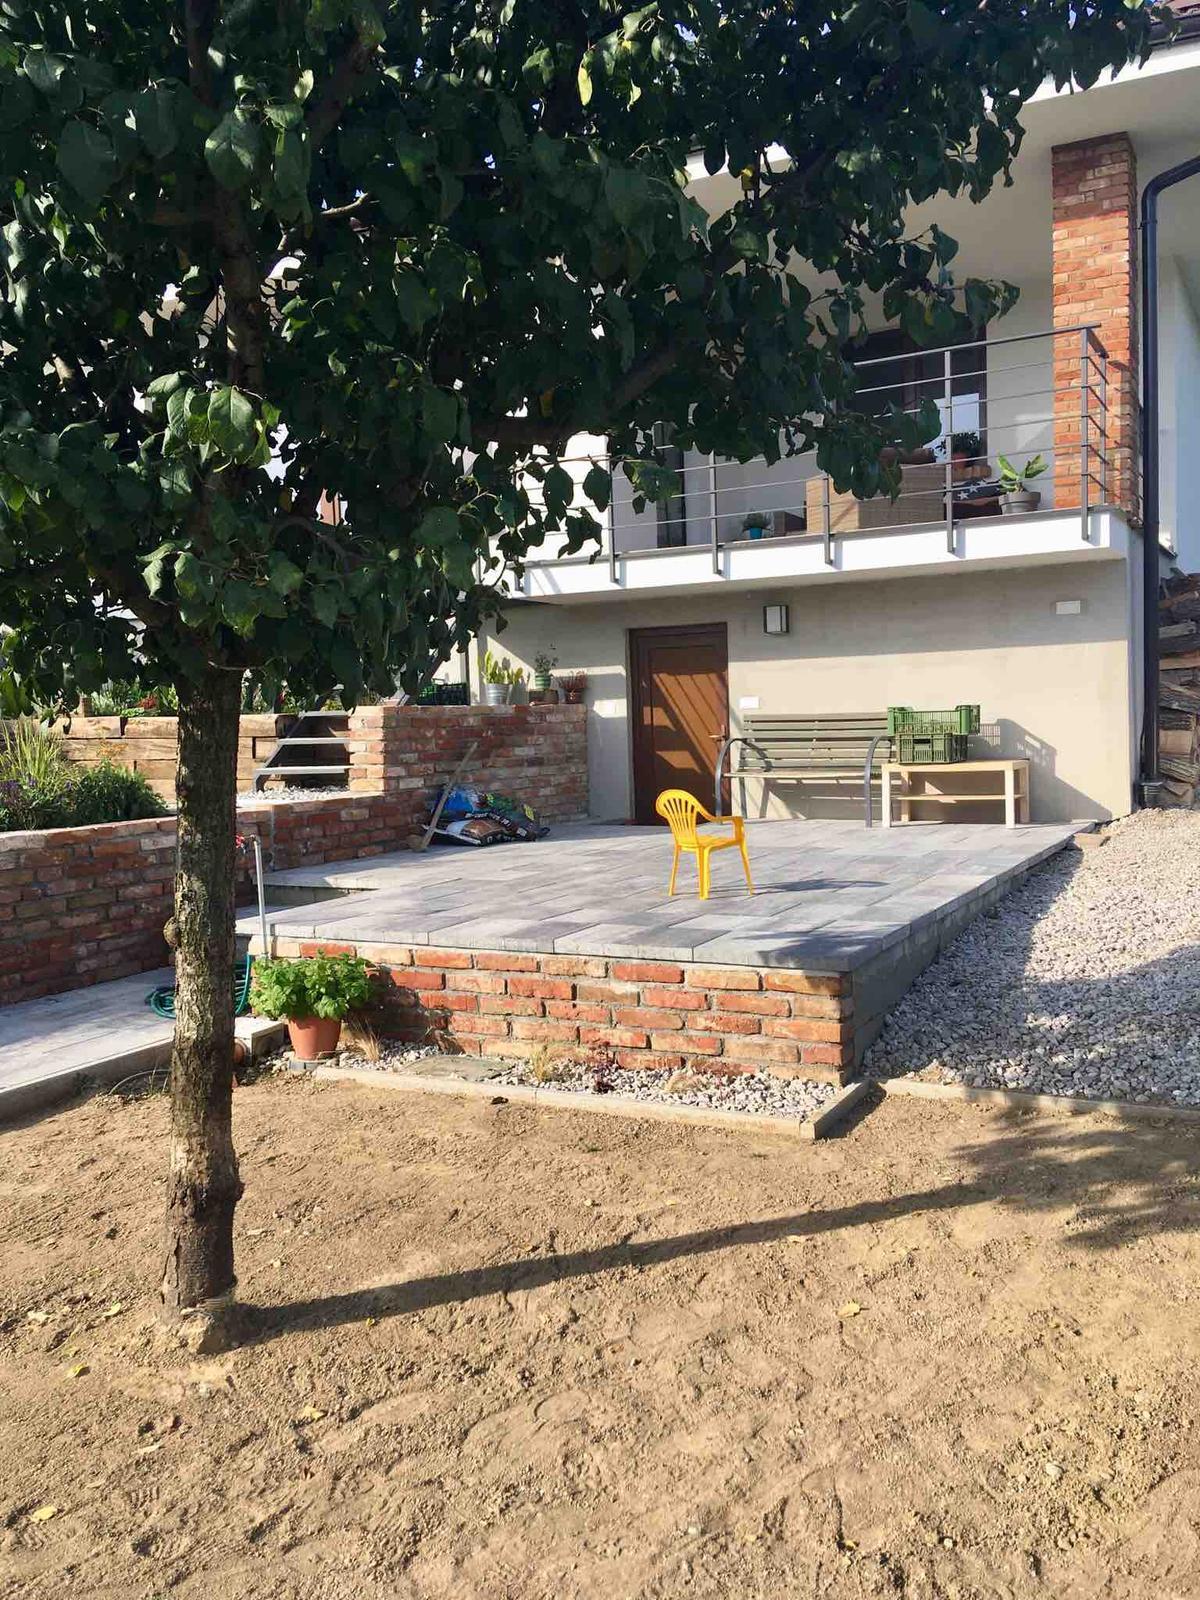 Názov stavby 3 - in da garden - Vyrovnávanie podkladu